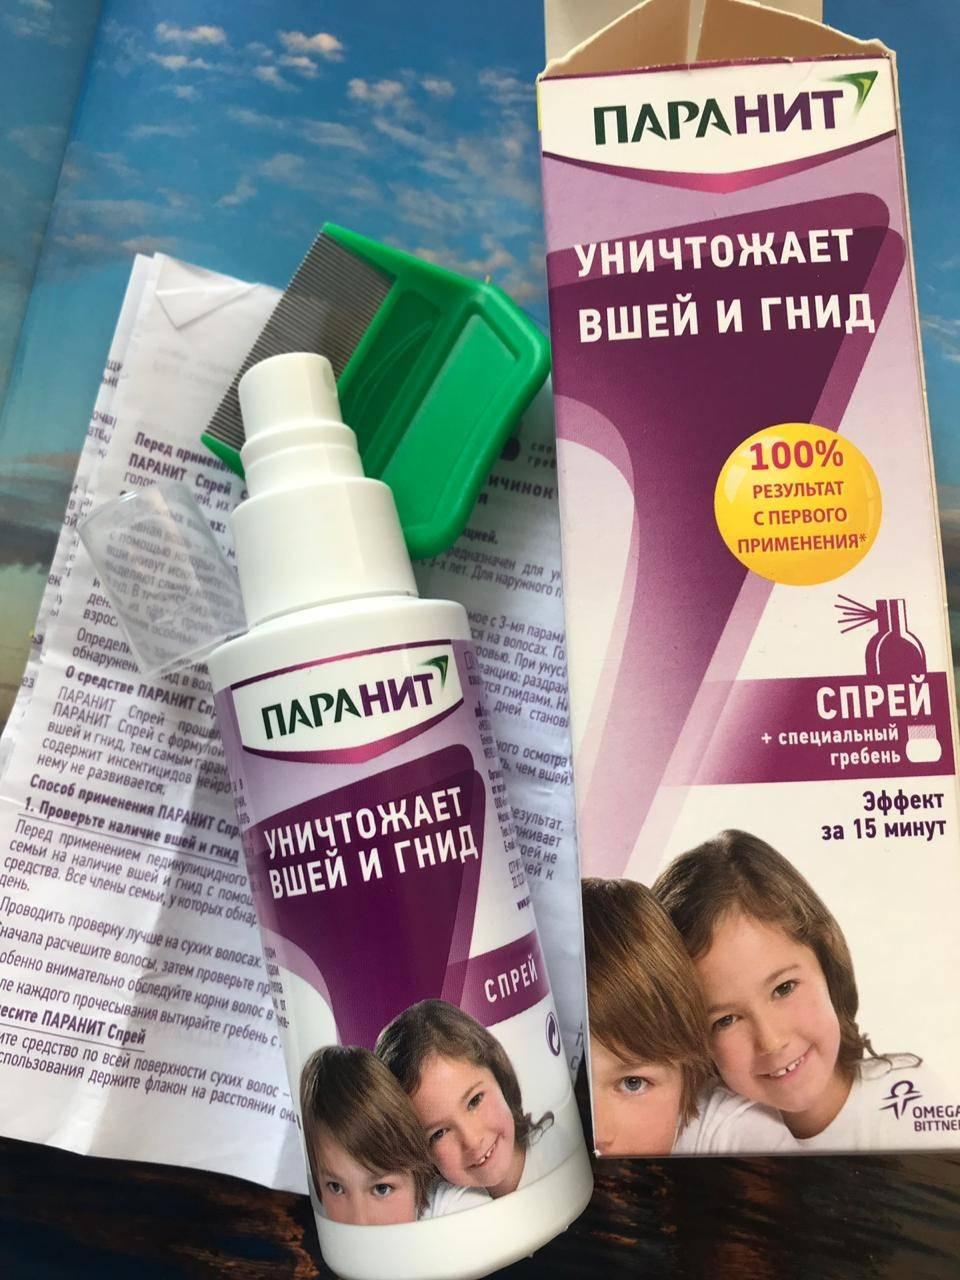 Спрей от вшей и гнид для детей и взрослых: какой лучше, применение